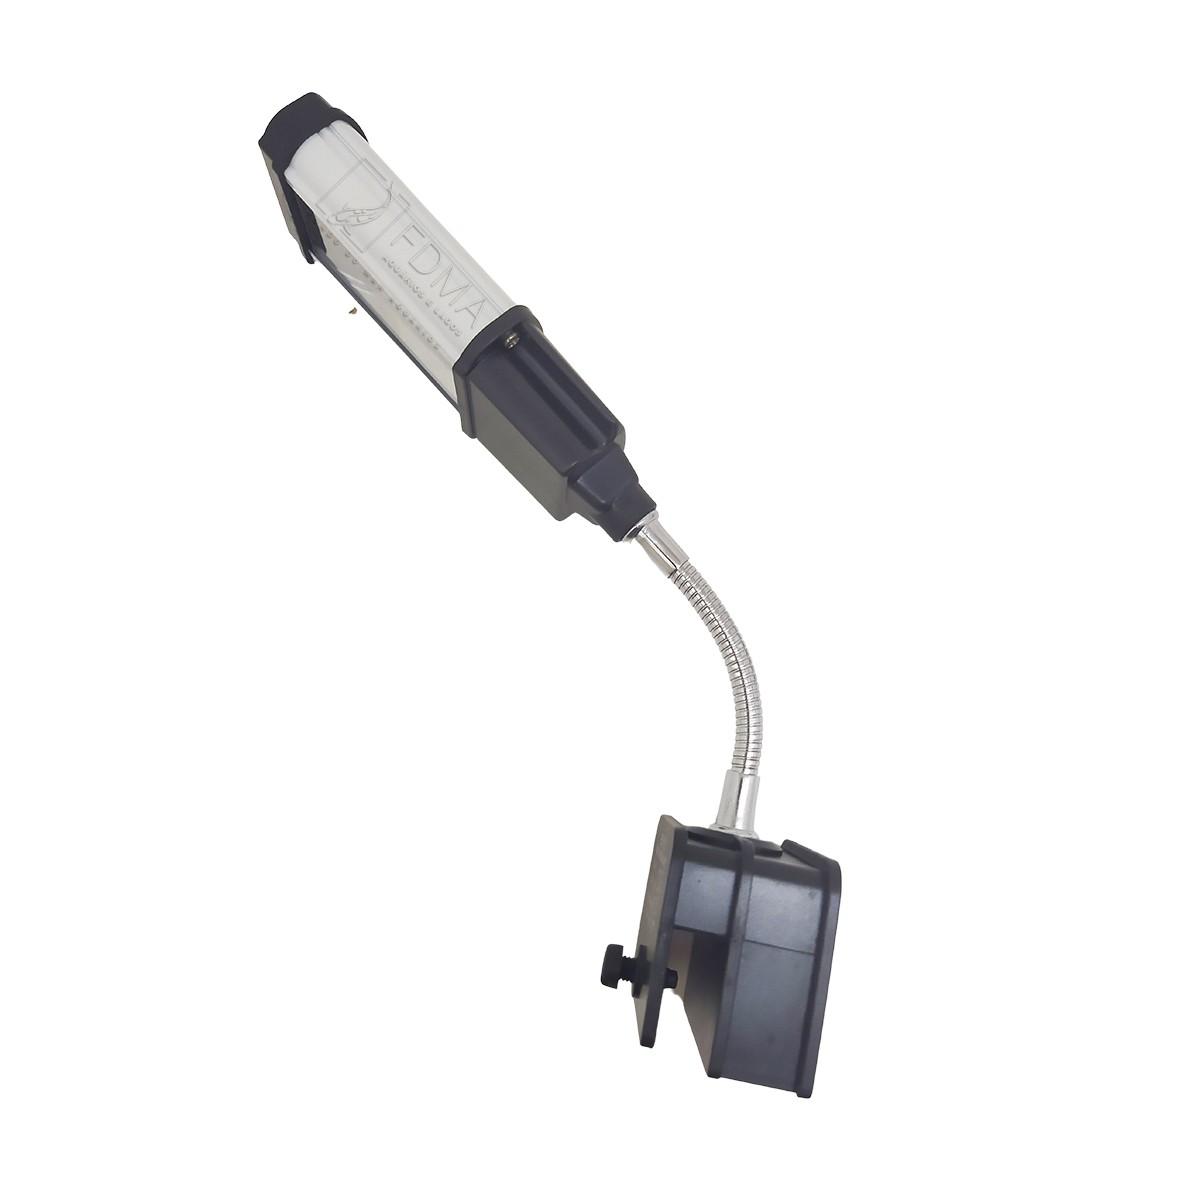 Luminária Led Boyu CL-L01 1.2w Focal Bivolt Pequenos Aquários